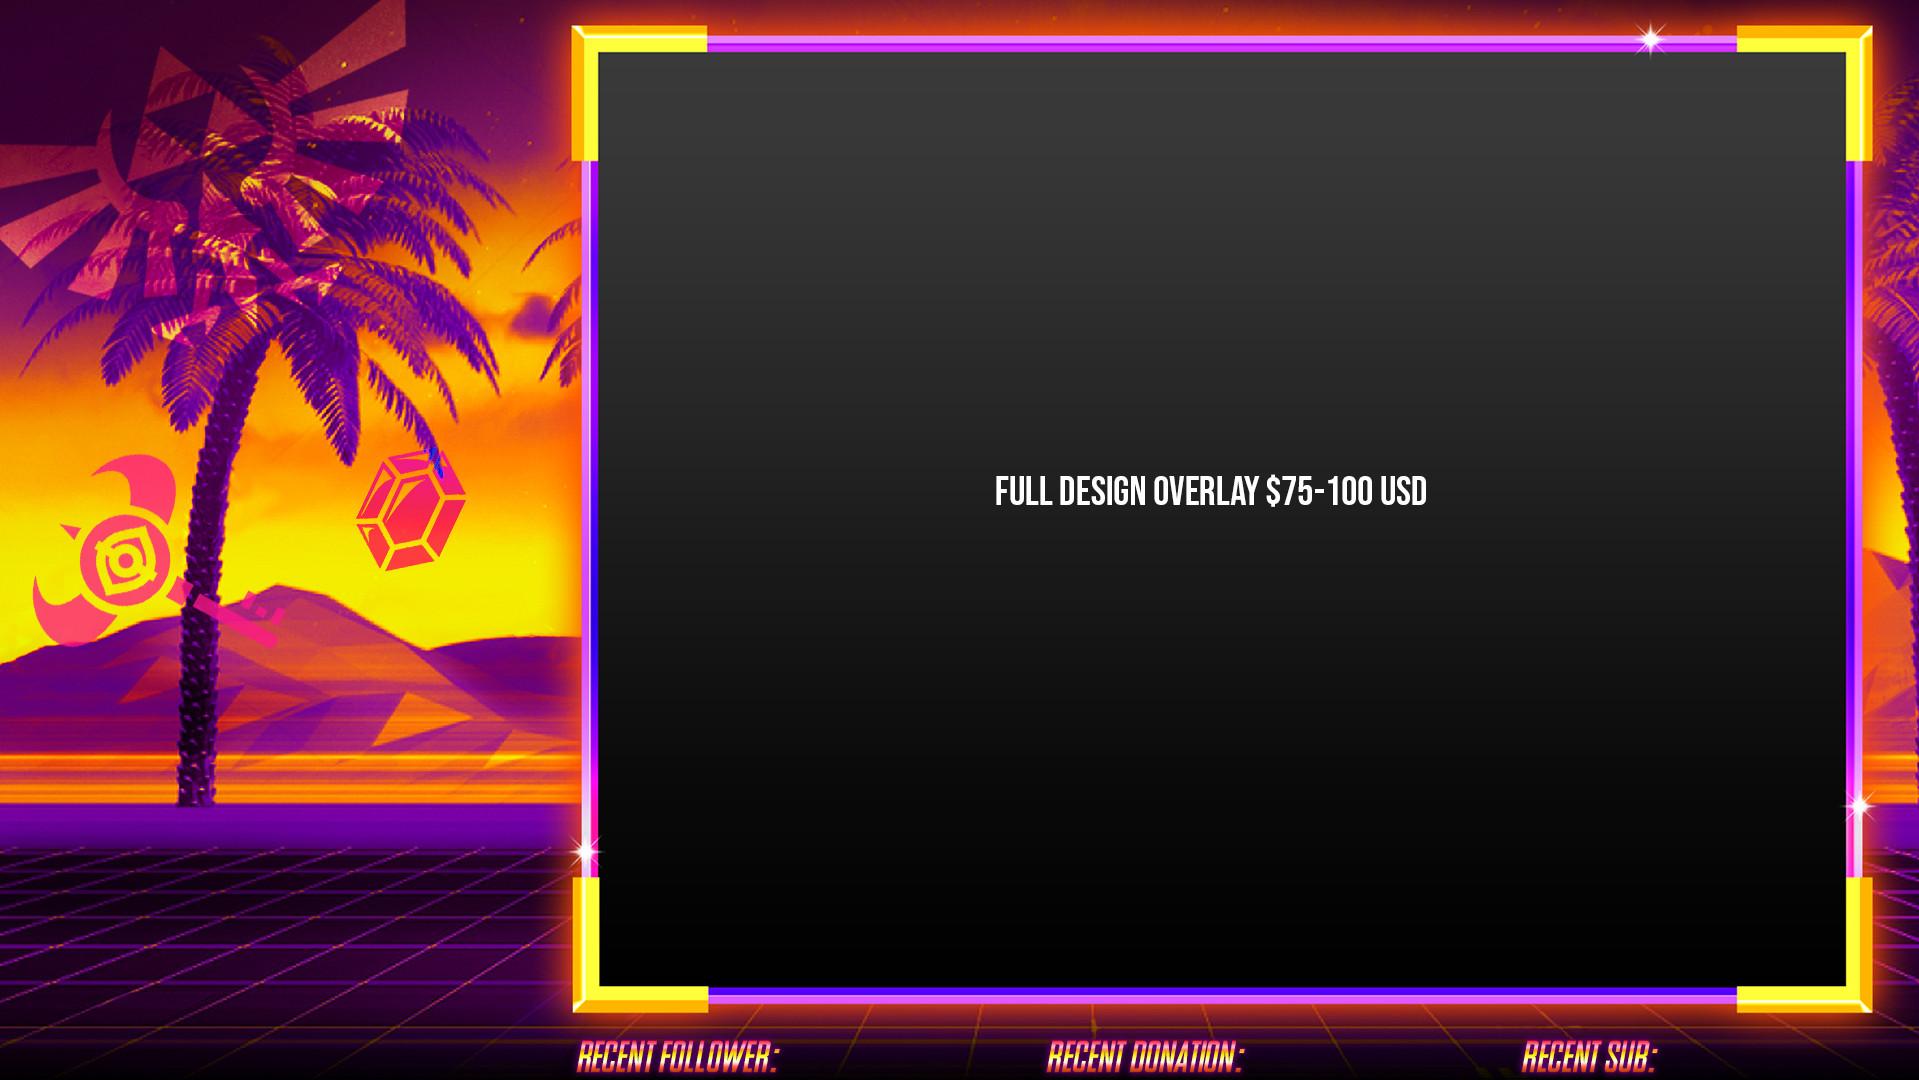 Full Design Overlay